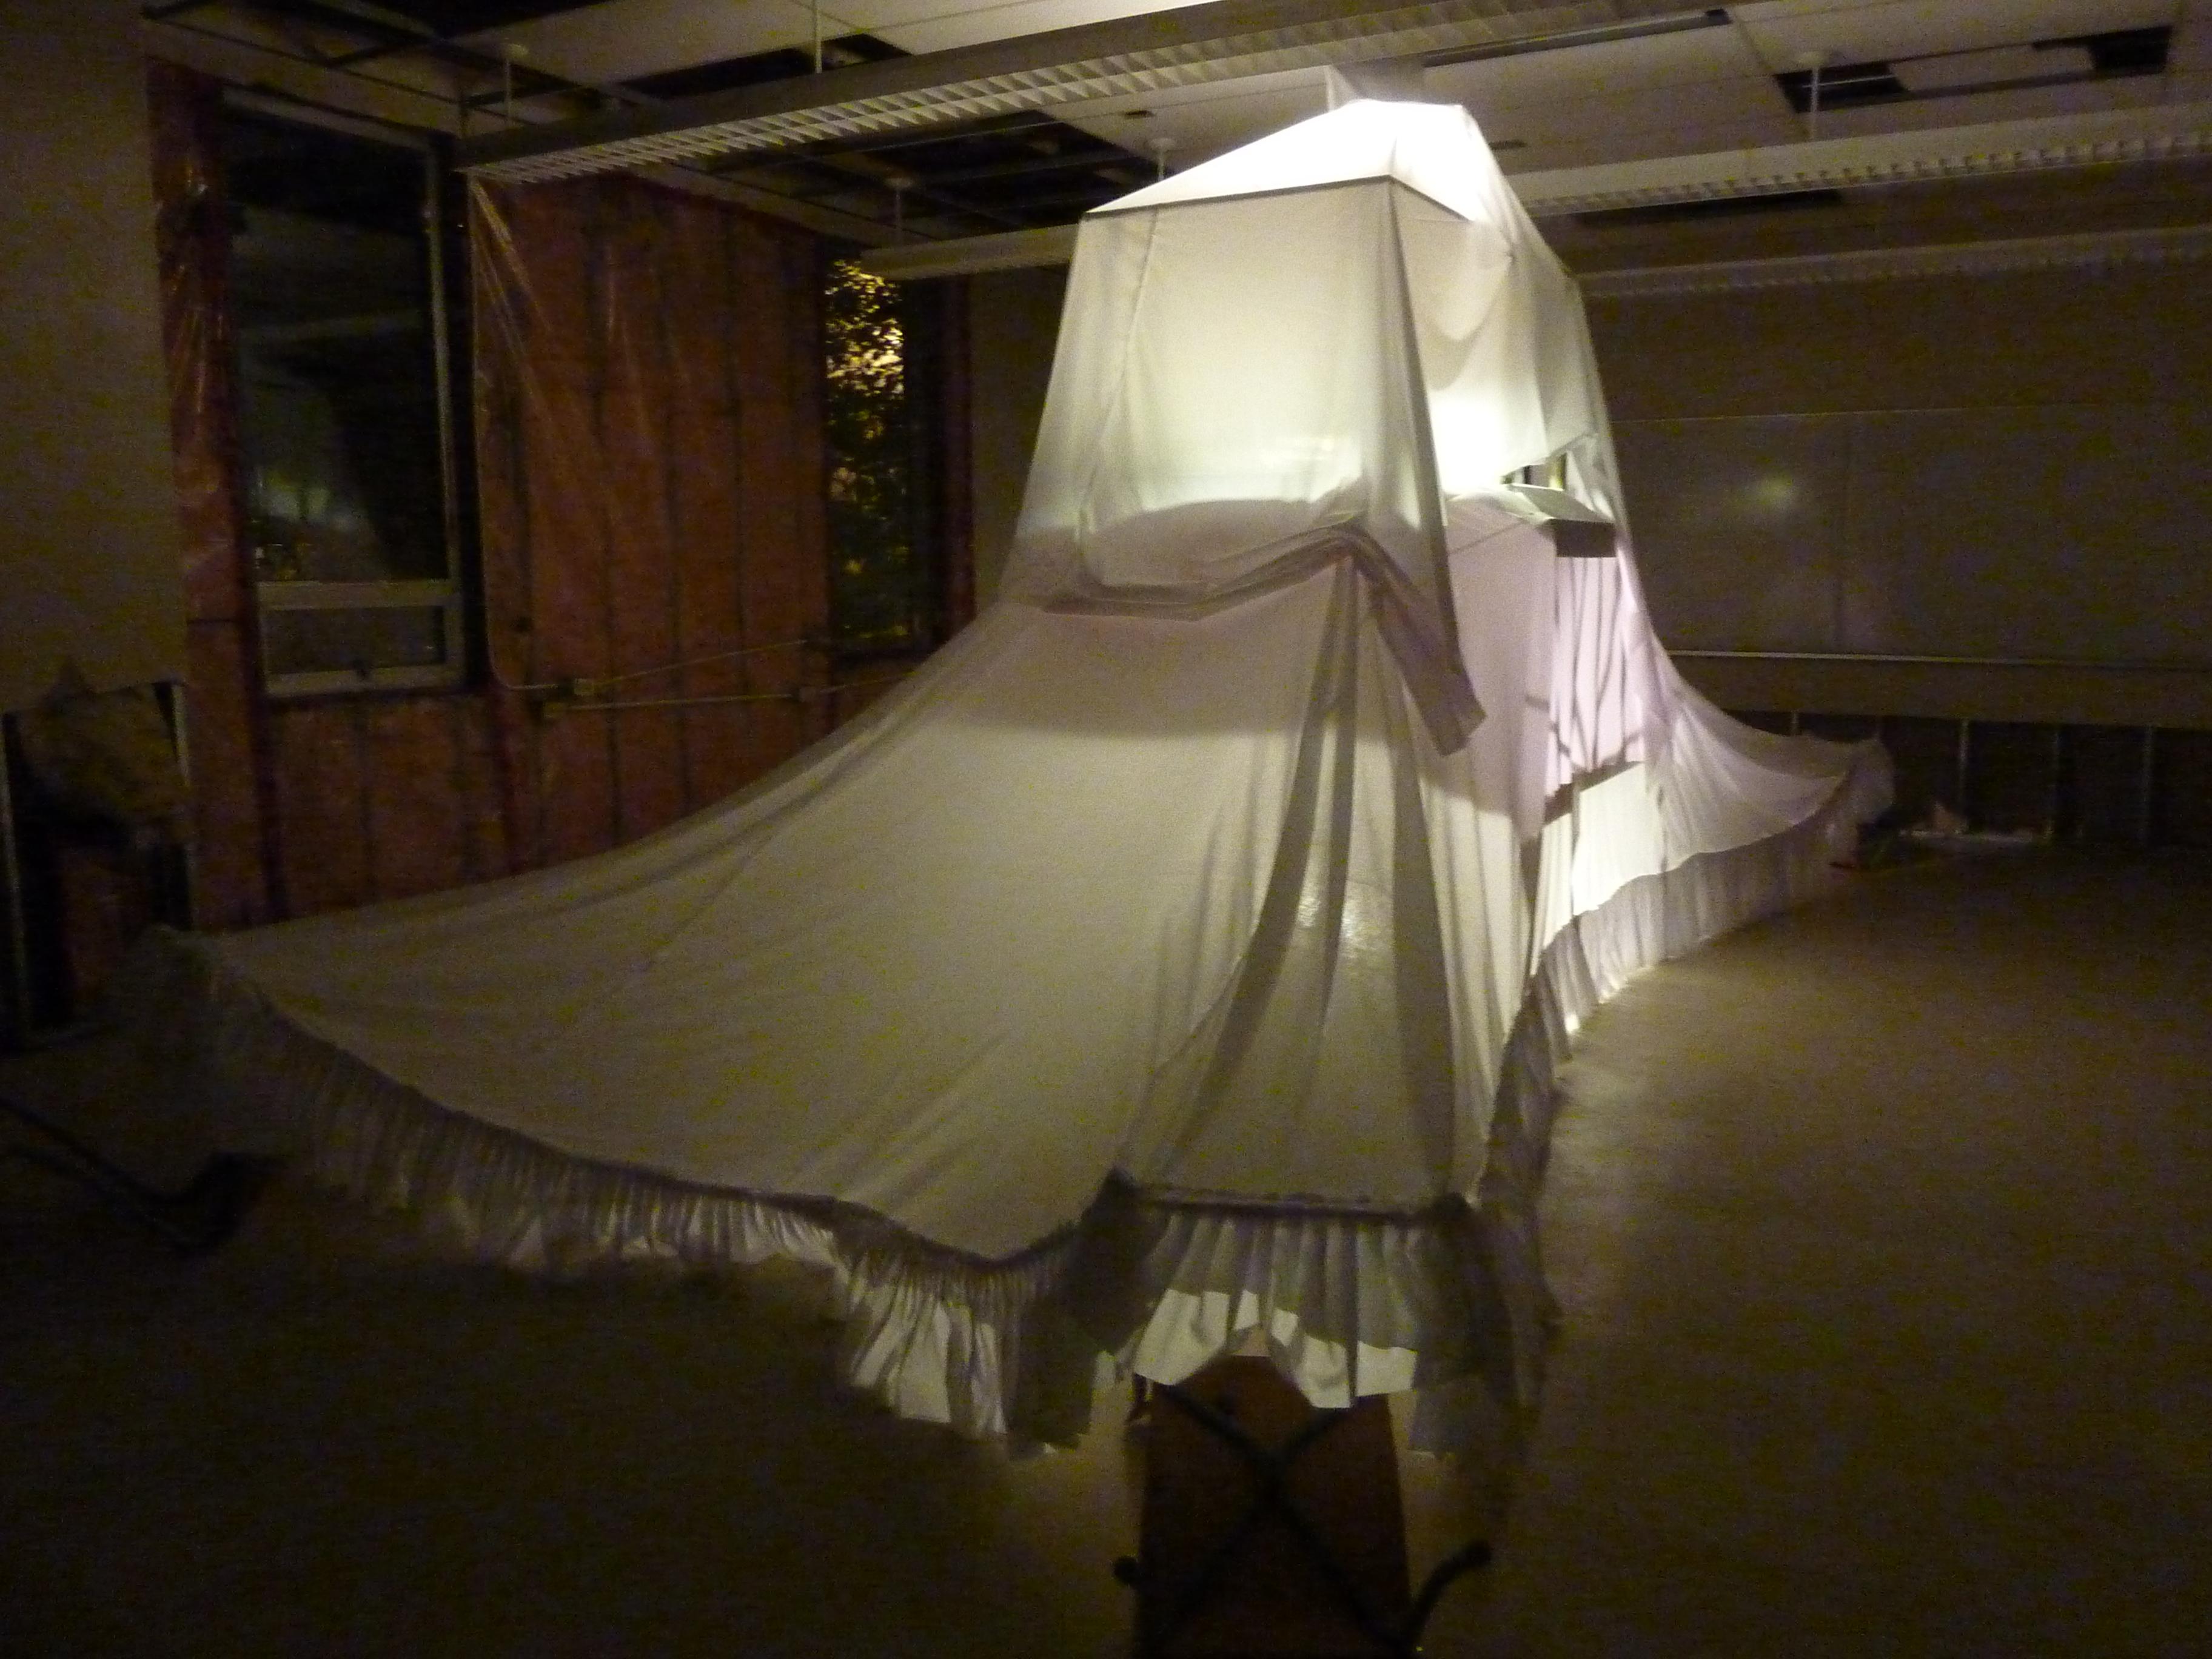 """Suzen Green and Yvonne Mullock's """"Politergeist"""" installation"""